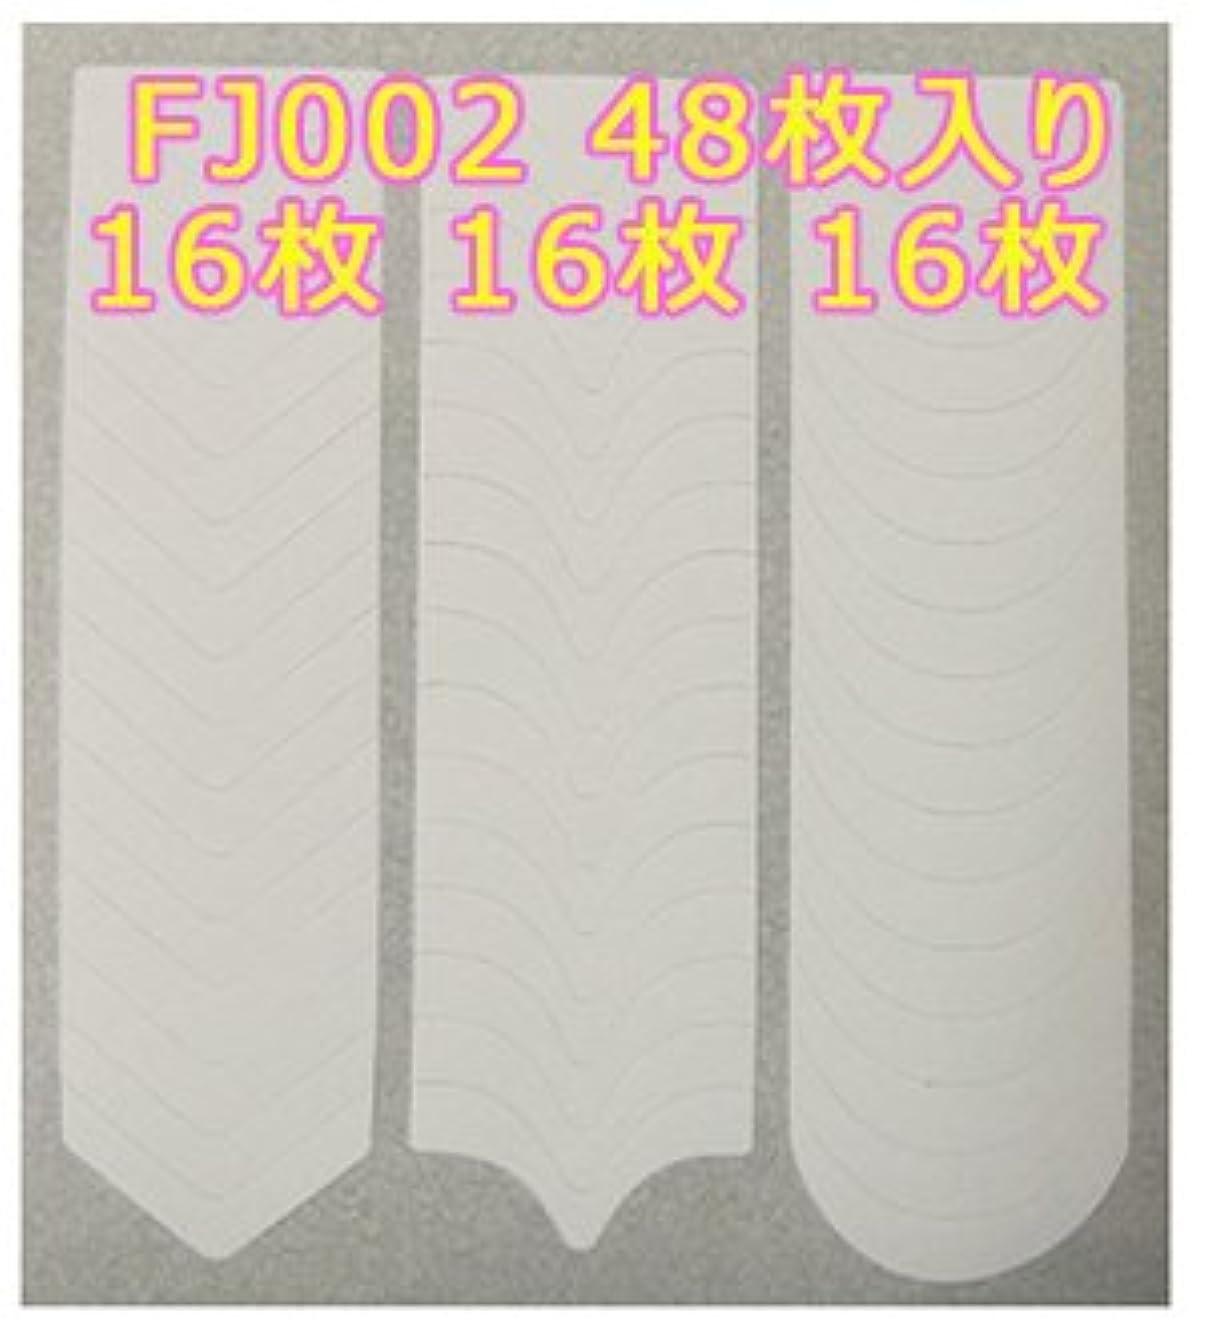 フレンチガイドテープ/フレンチネイルシール/☆選べる4タイプ! (FJ002*48枚入り)